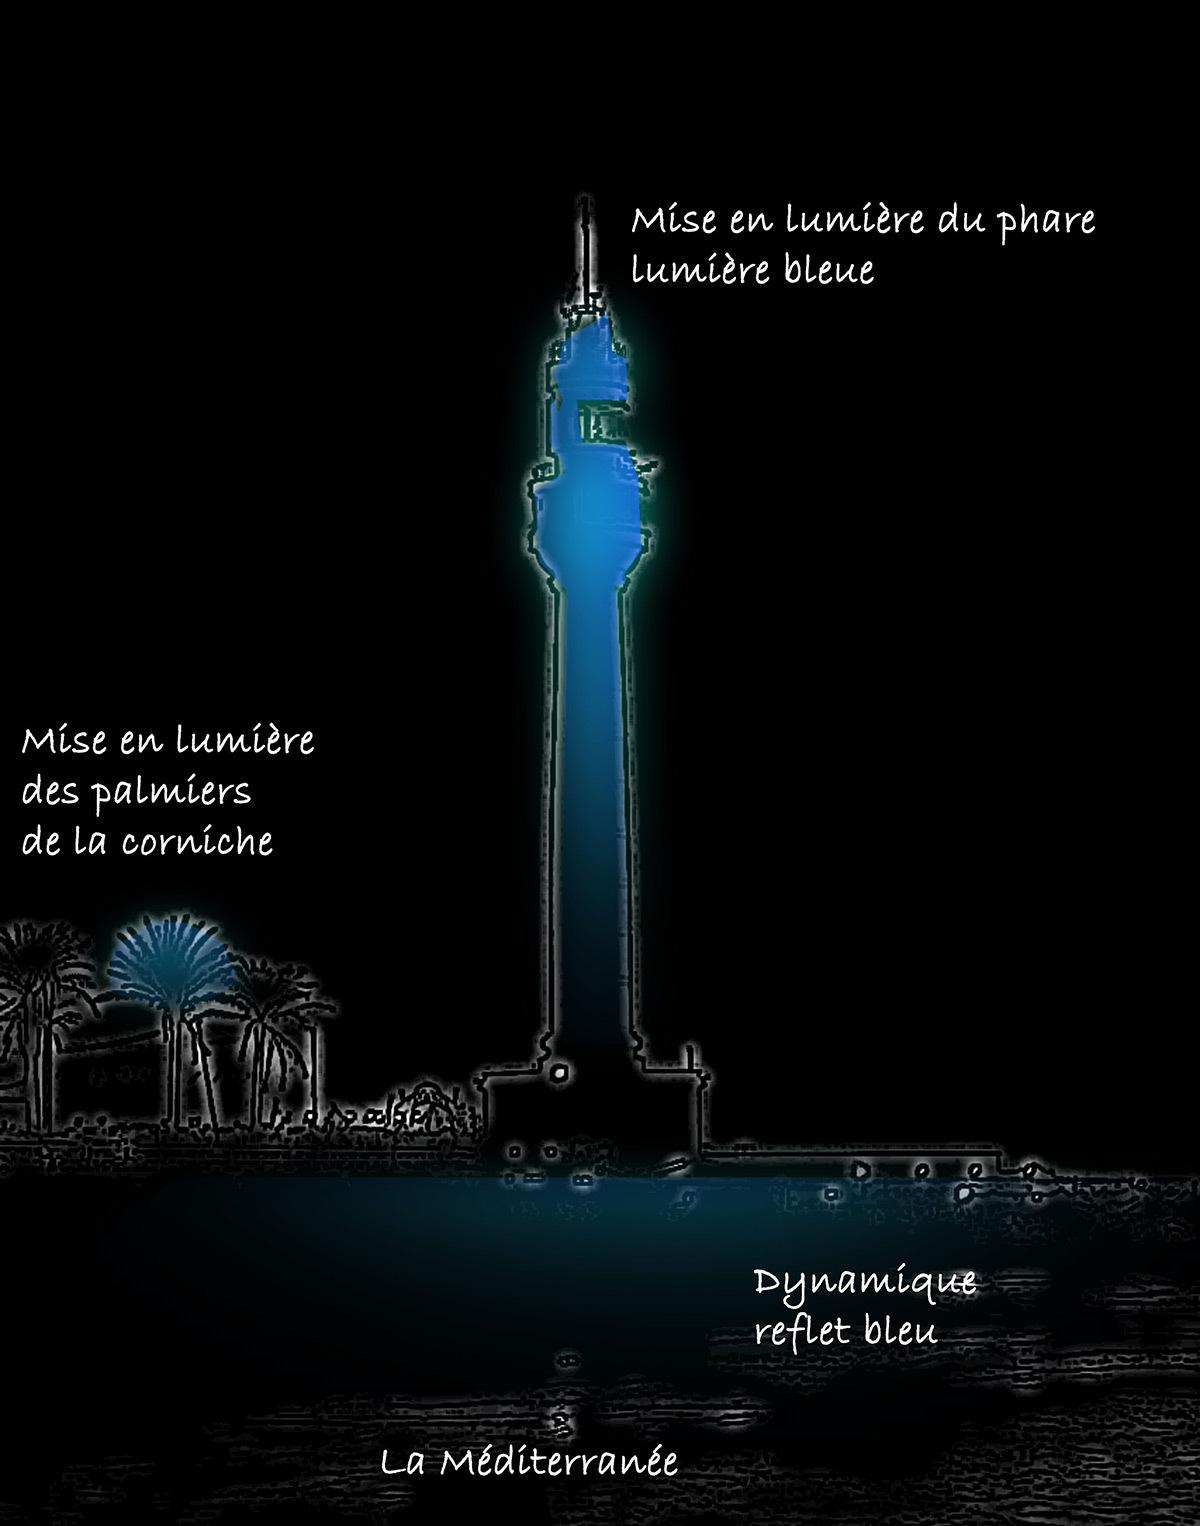 Nouvelles ambiances lumineuses de Beyrouth, le phare en lumière bleue